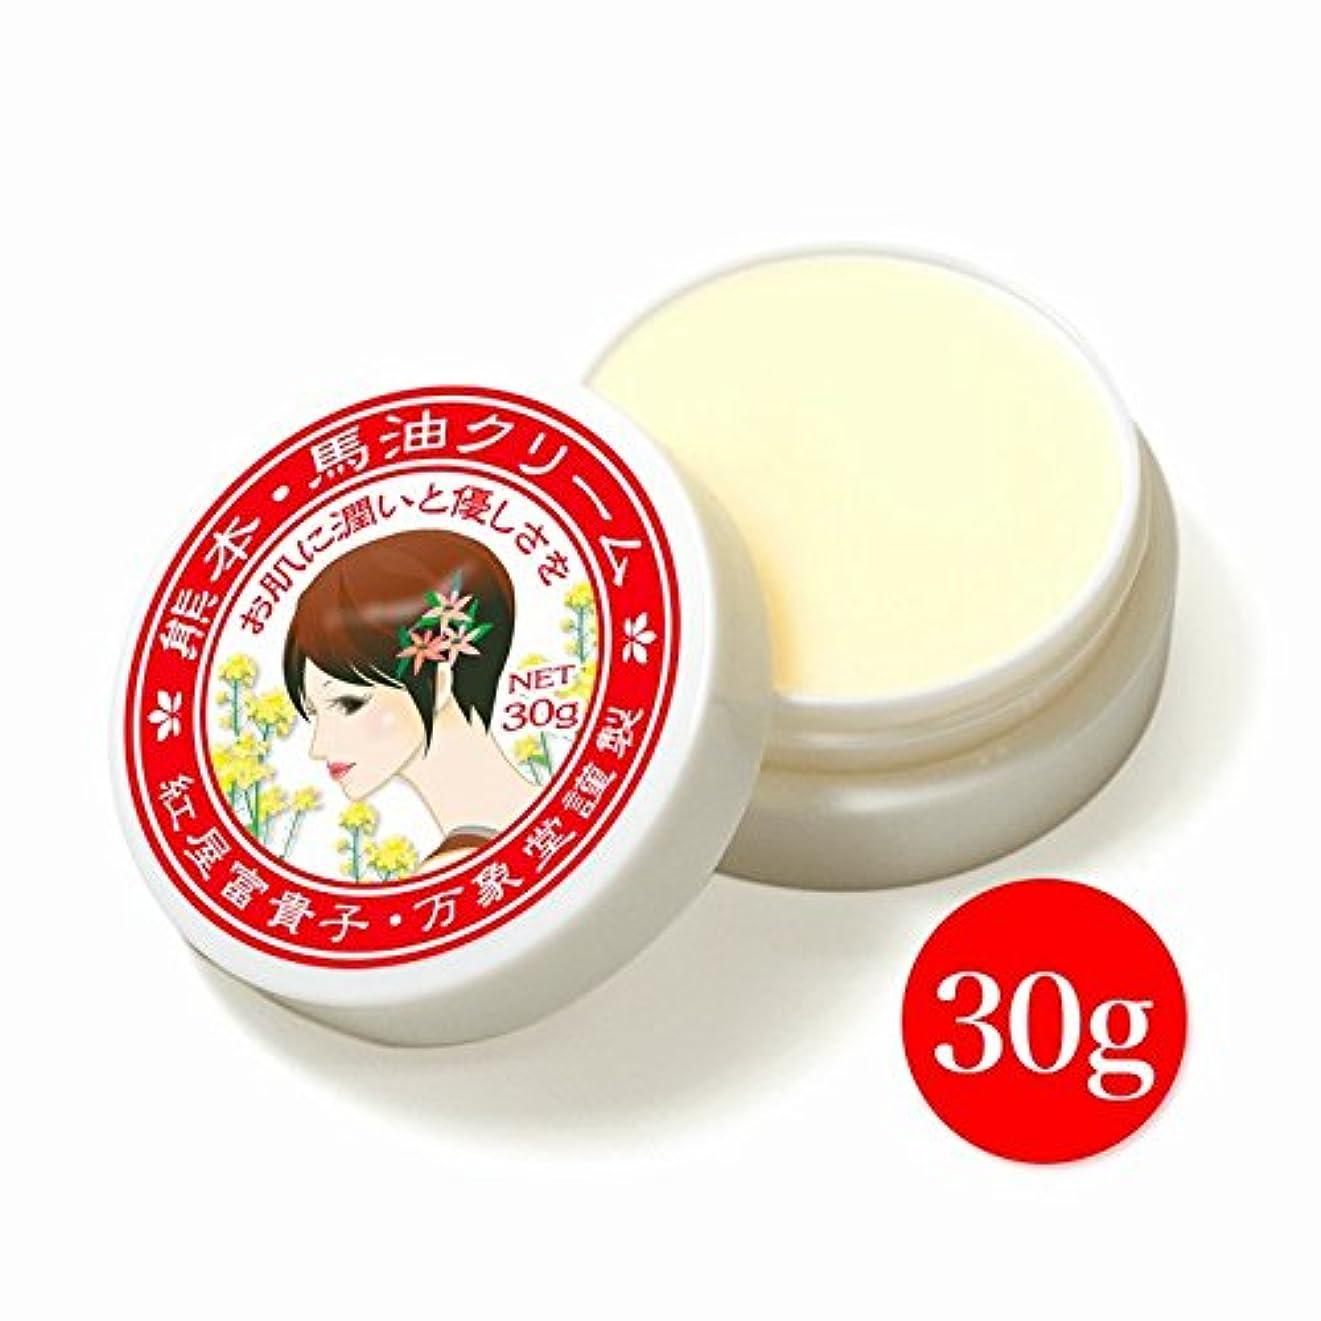 むちゃくちゃネブ恥森羅万象堂 馬油クリーム 30g (ラベンダーの香り)精油 アロマ 国産 保湿 スキンクリーム